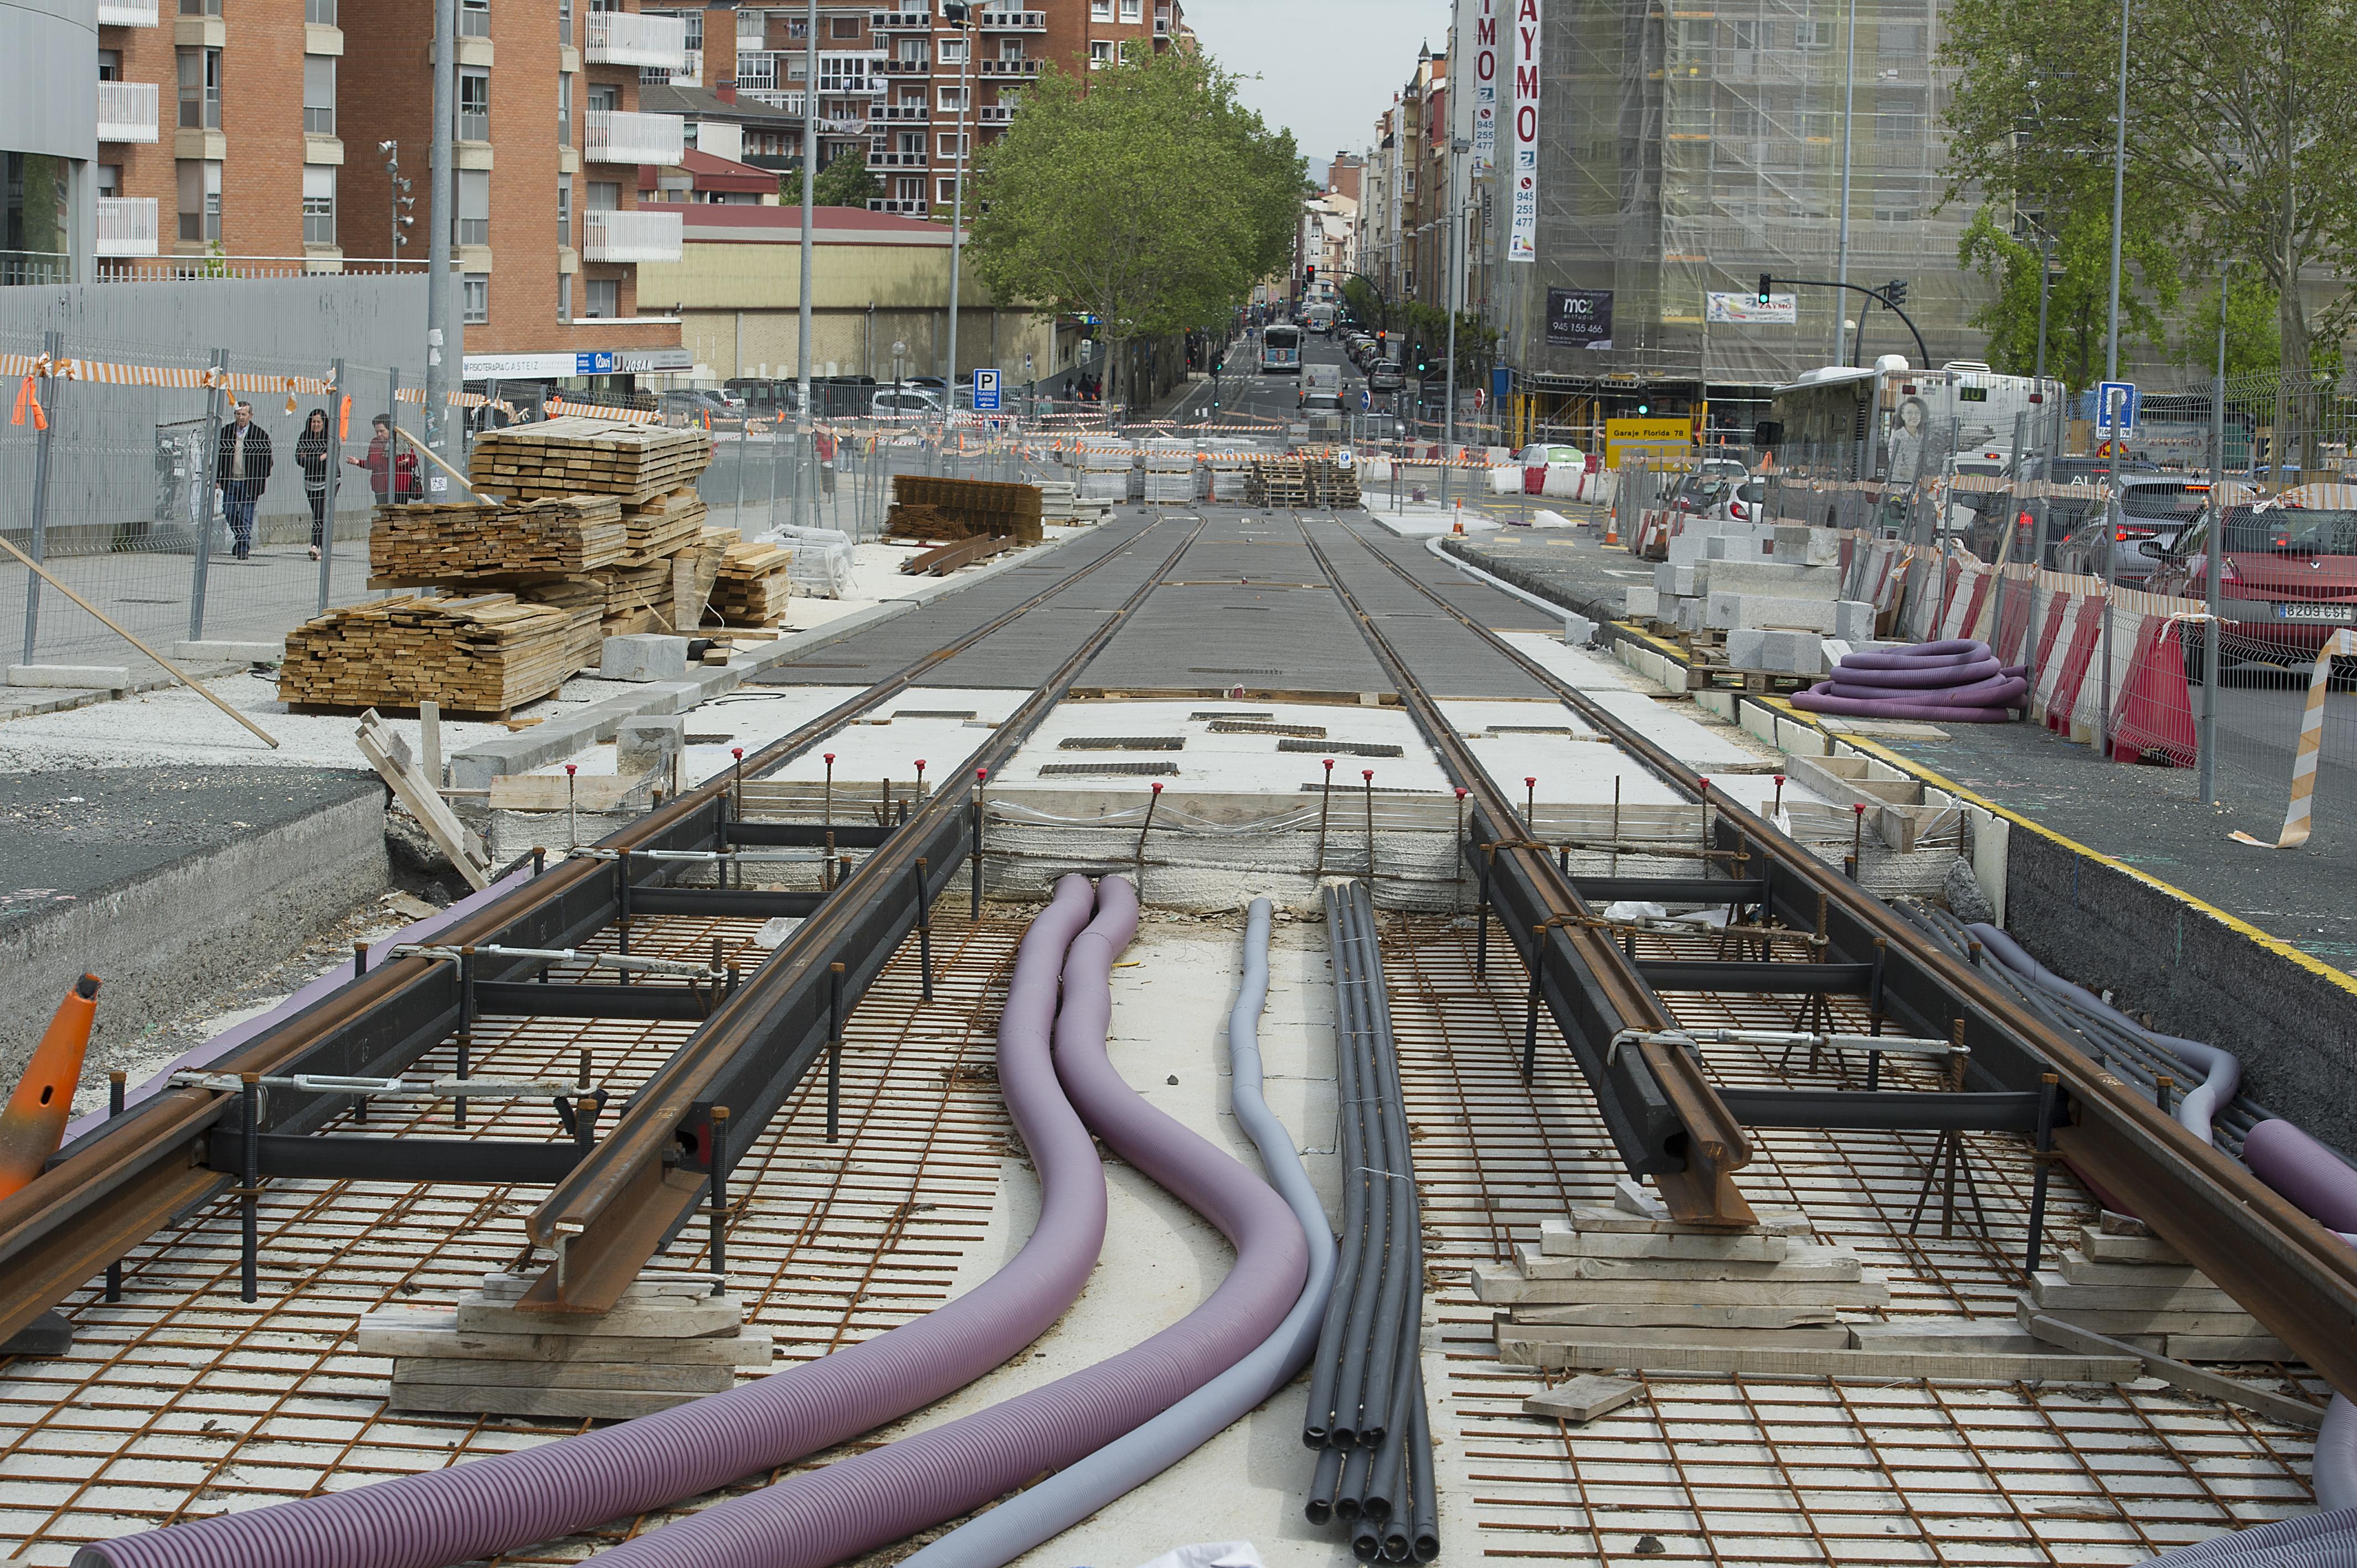 Obras_del_tranvia20190506_1404.jpg